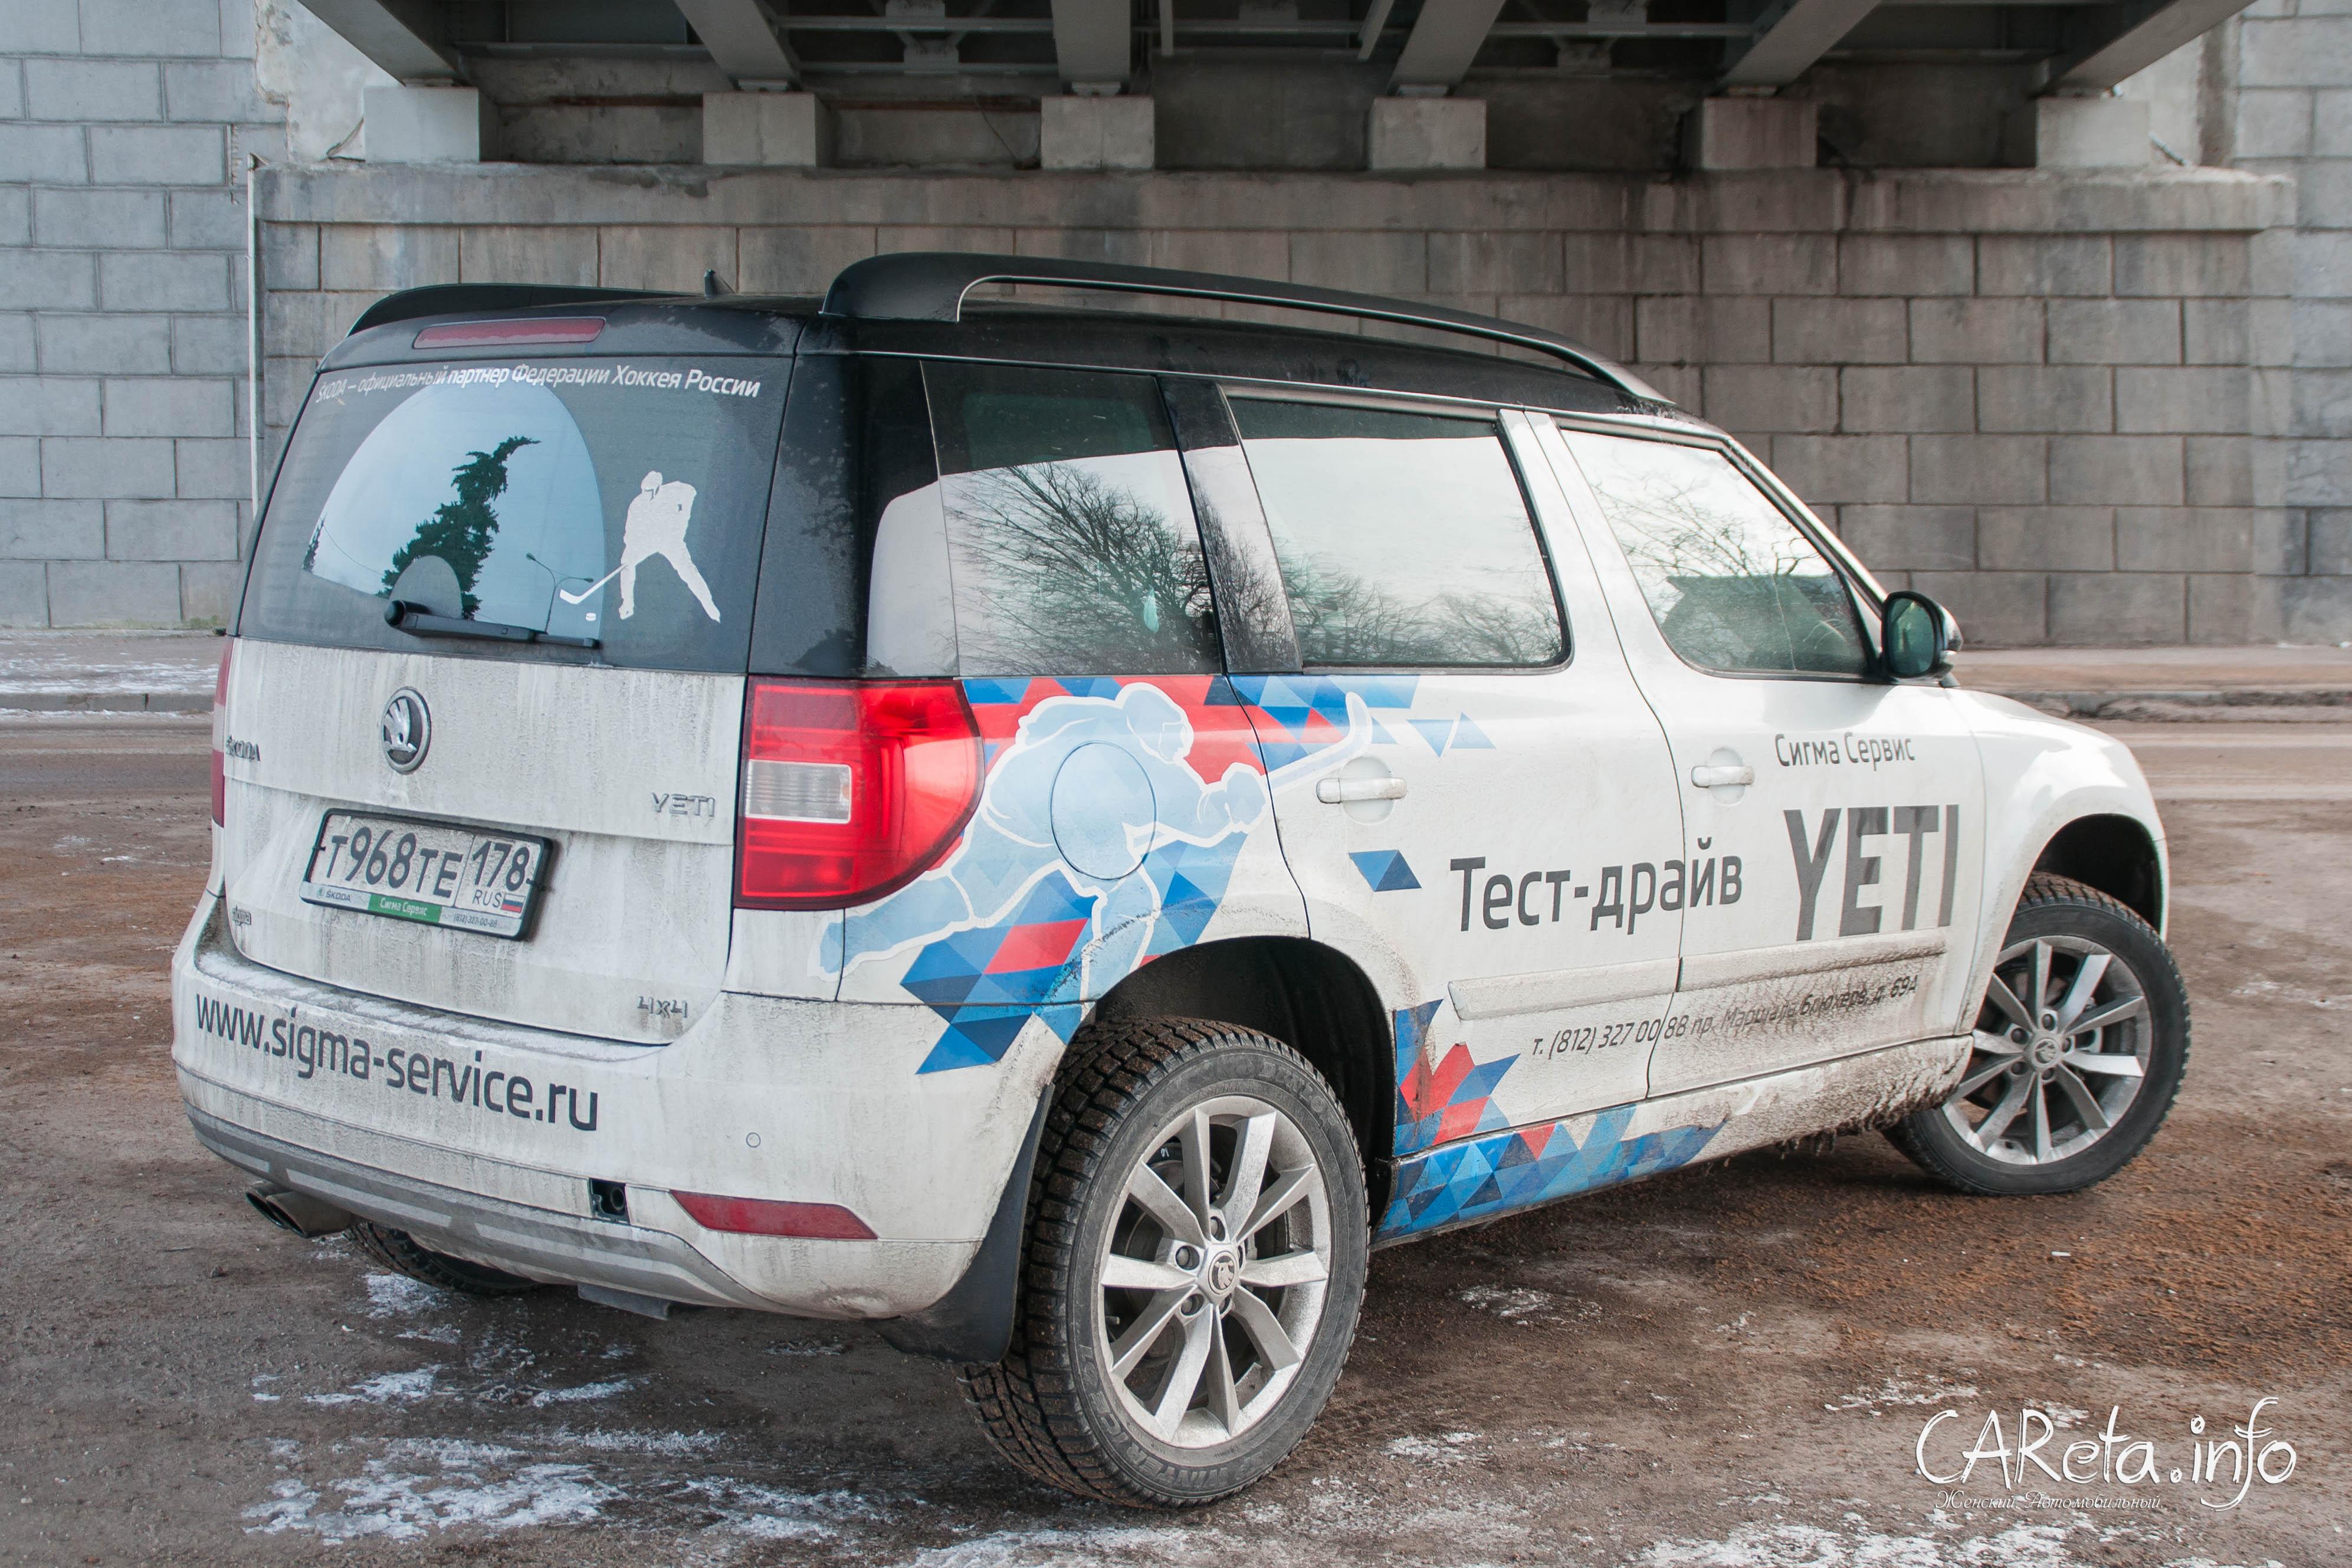 Путешествие в уездный город N. Тест-драйв Skoda Yeti